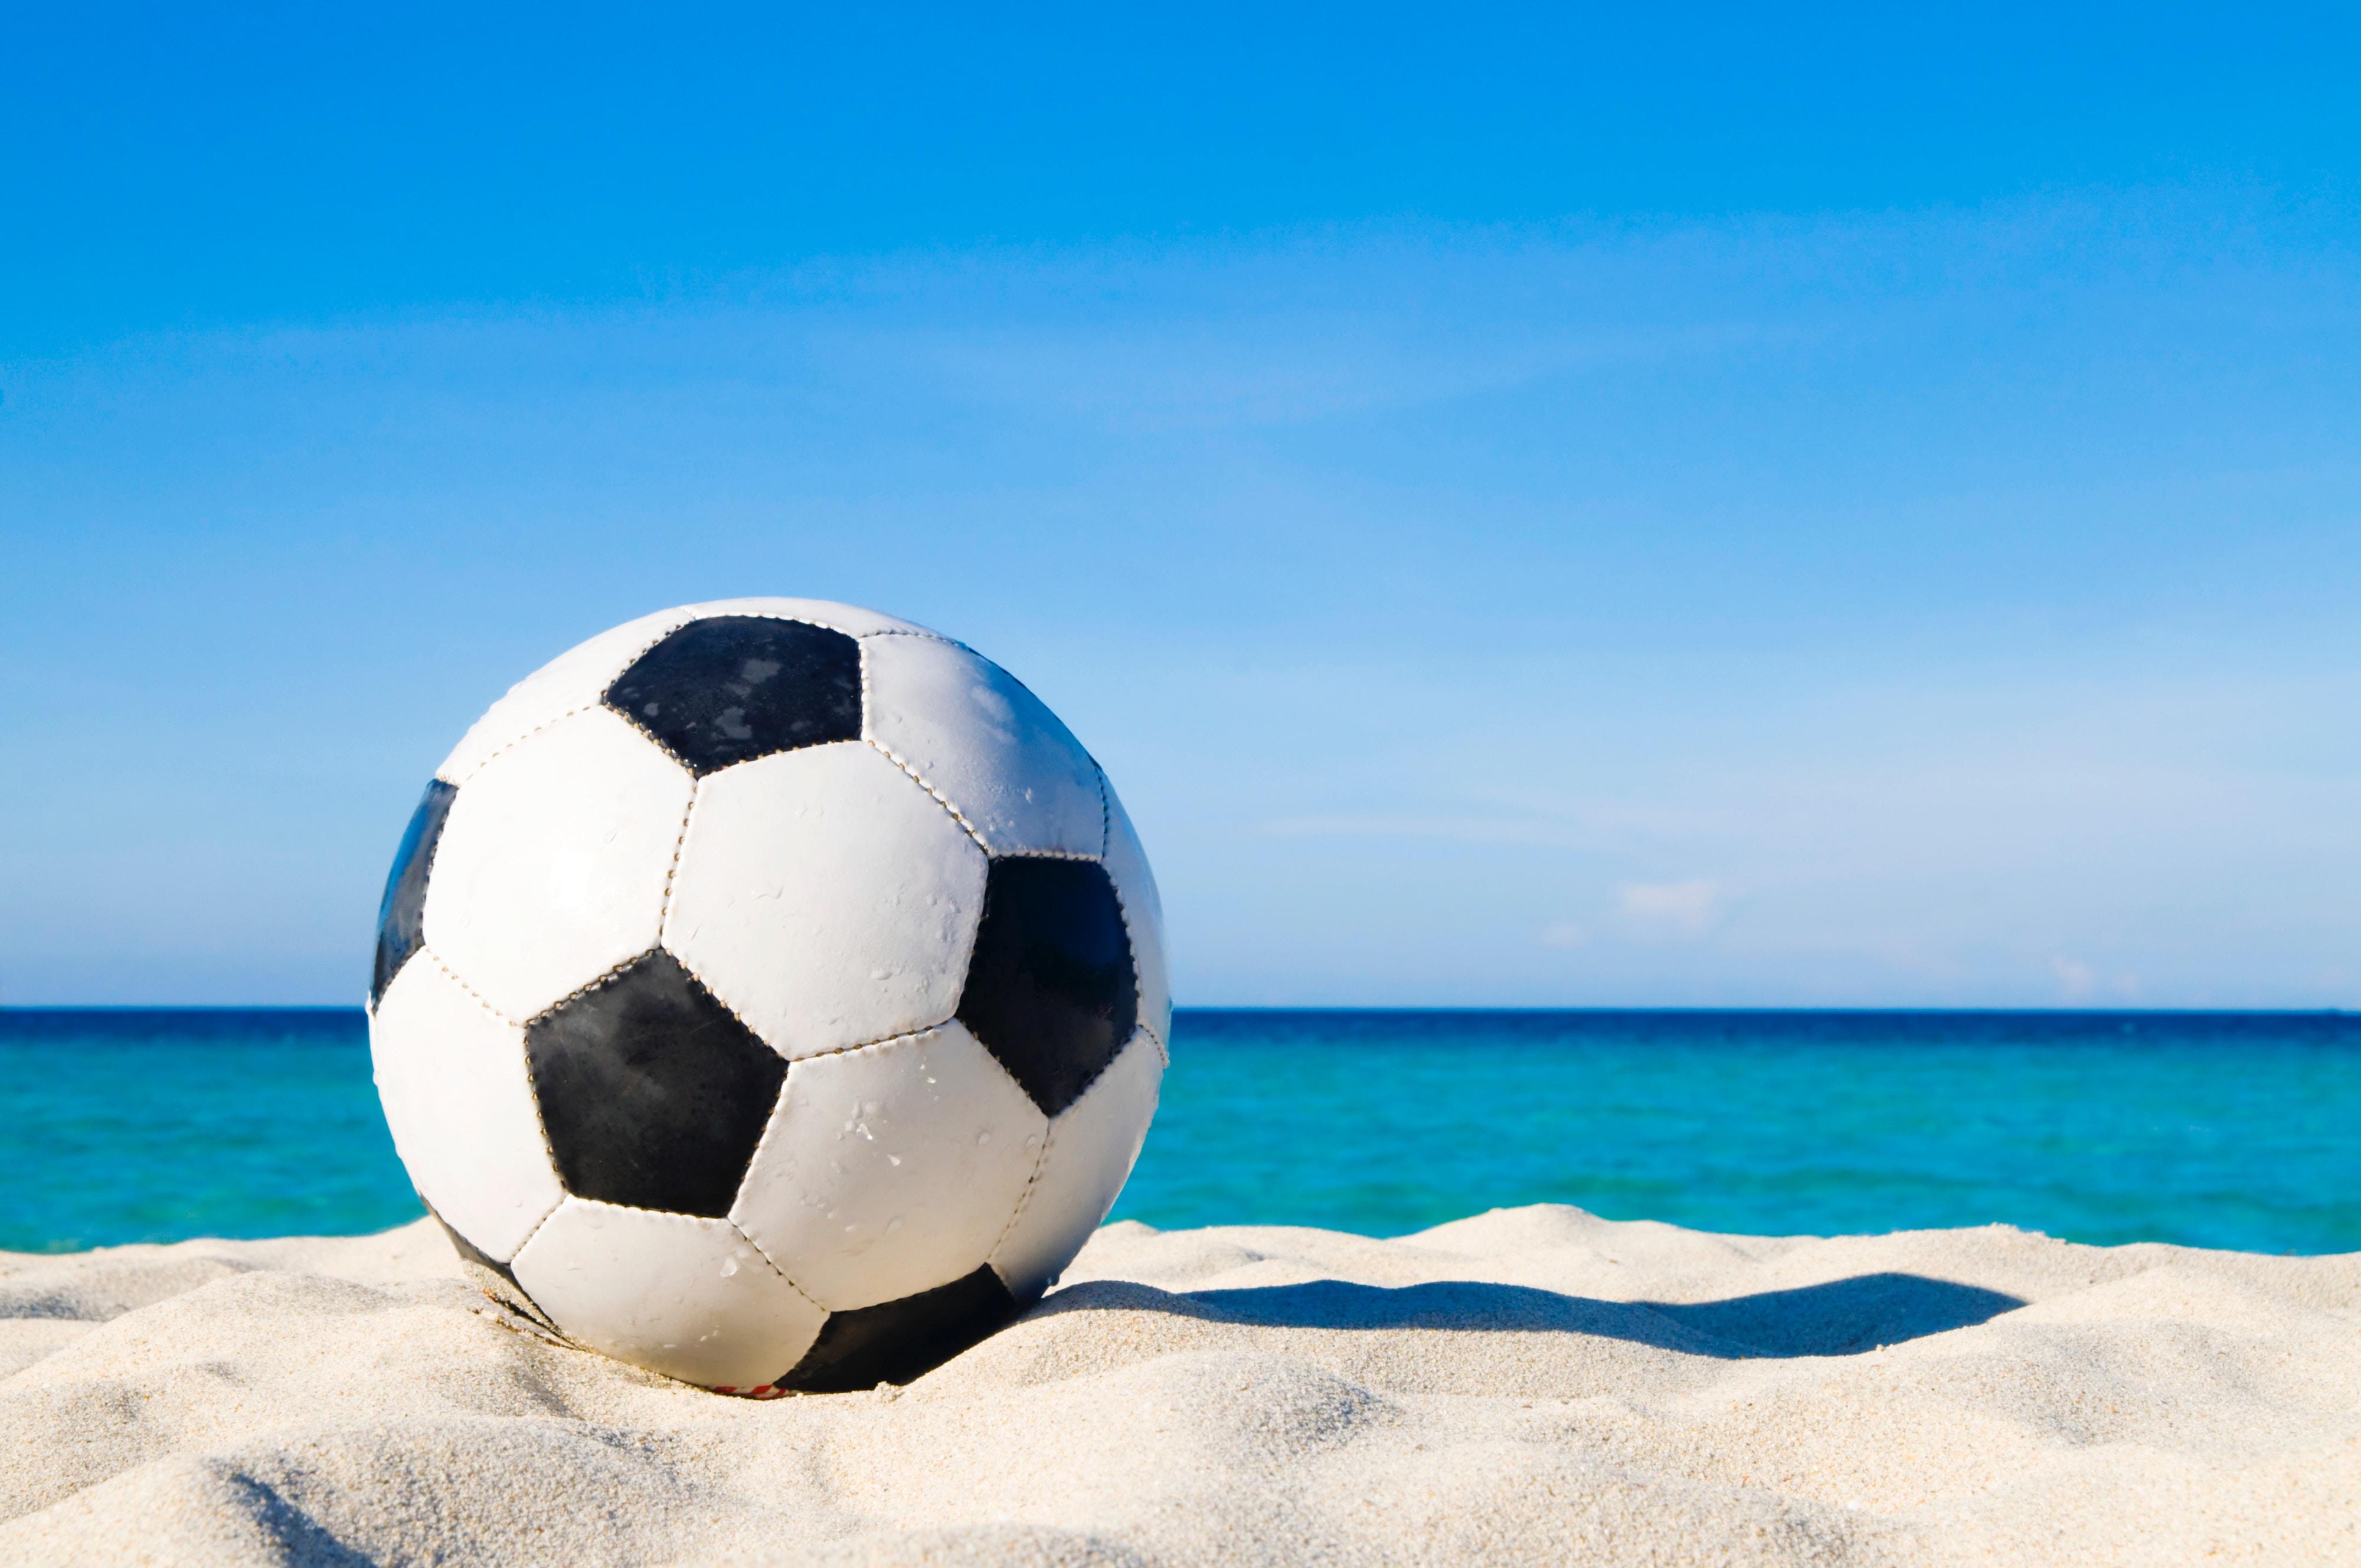 97901 скачать обои Спорт, Футбольный Мяч, Футбол, Песок - заставки и картинки бесплатно